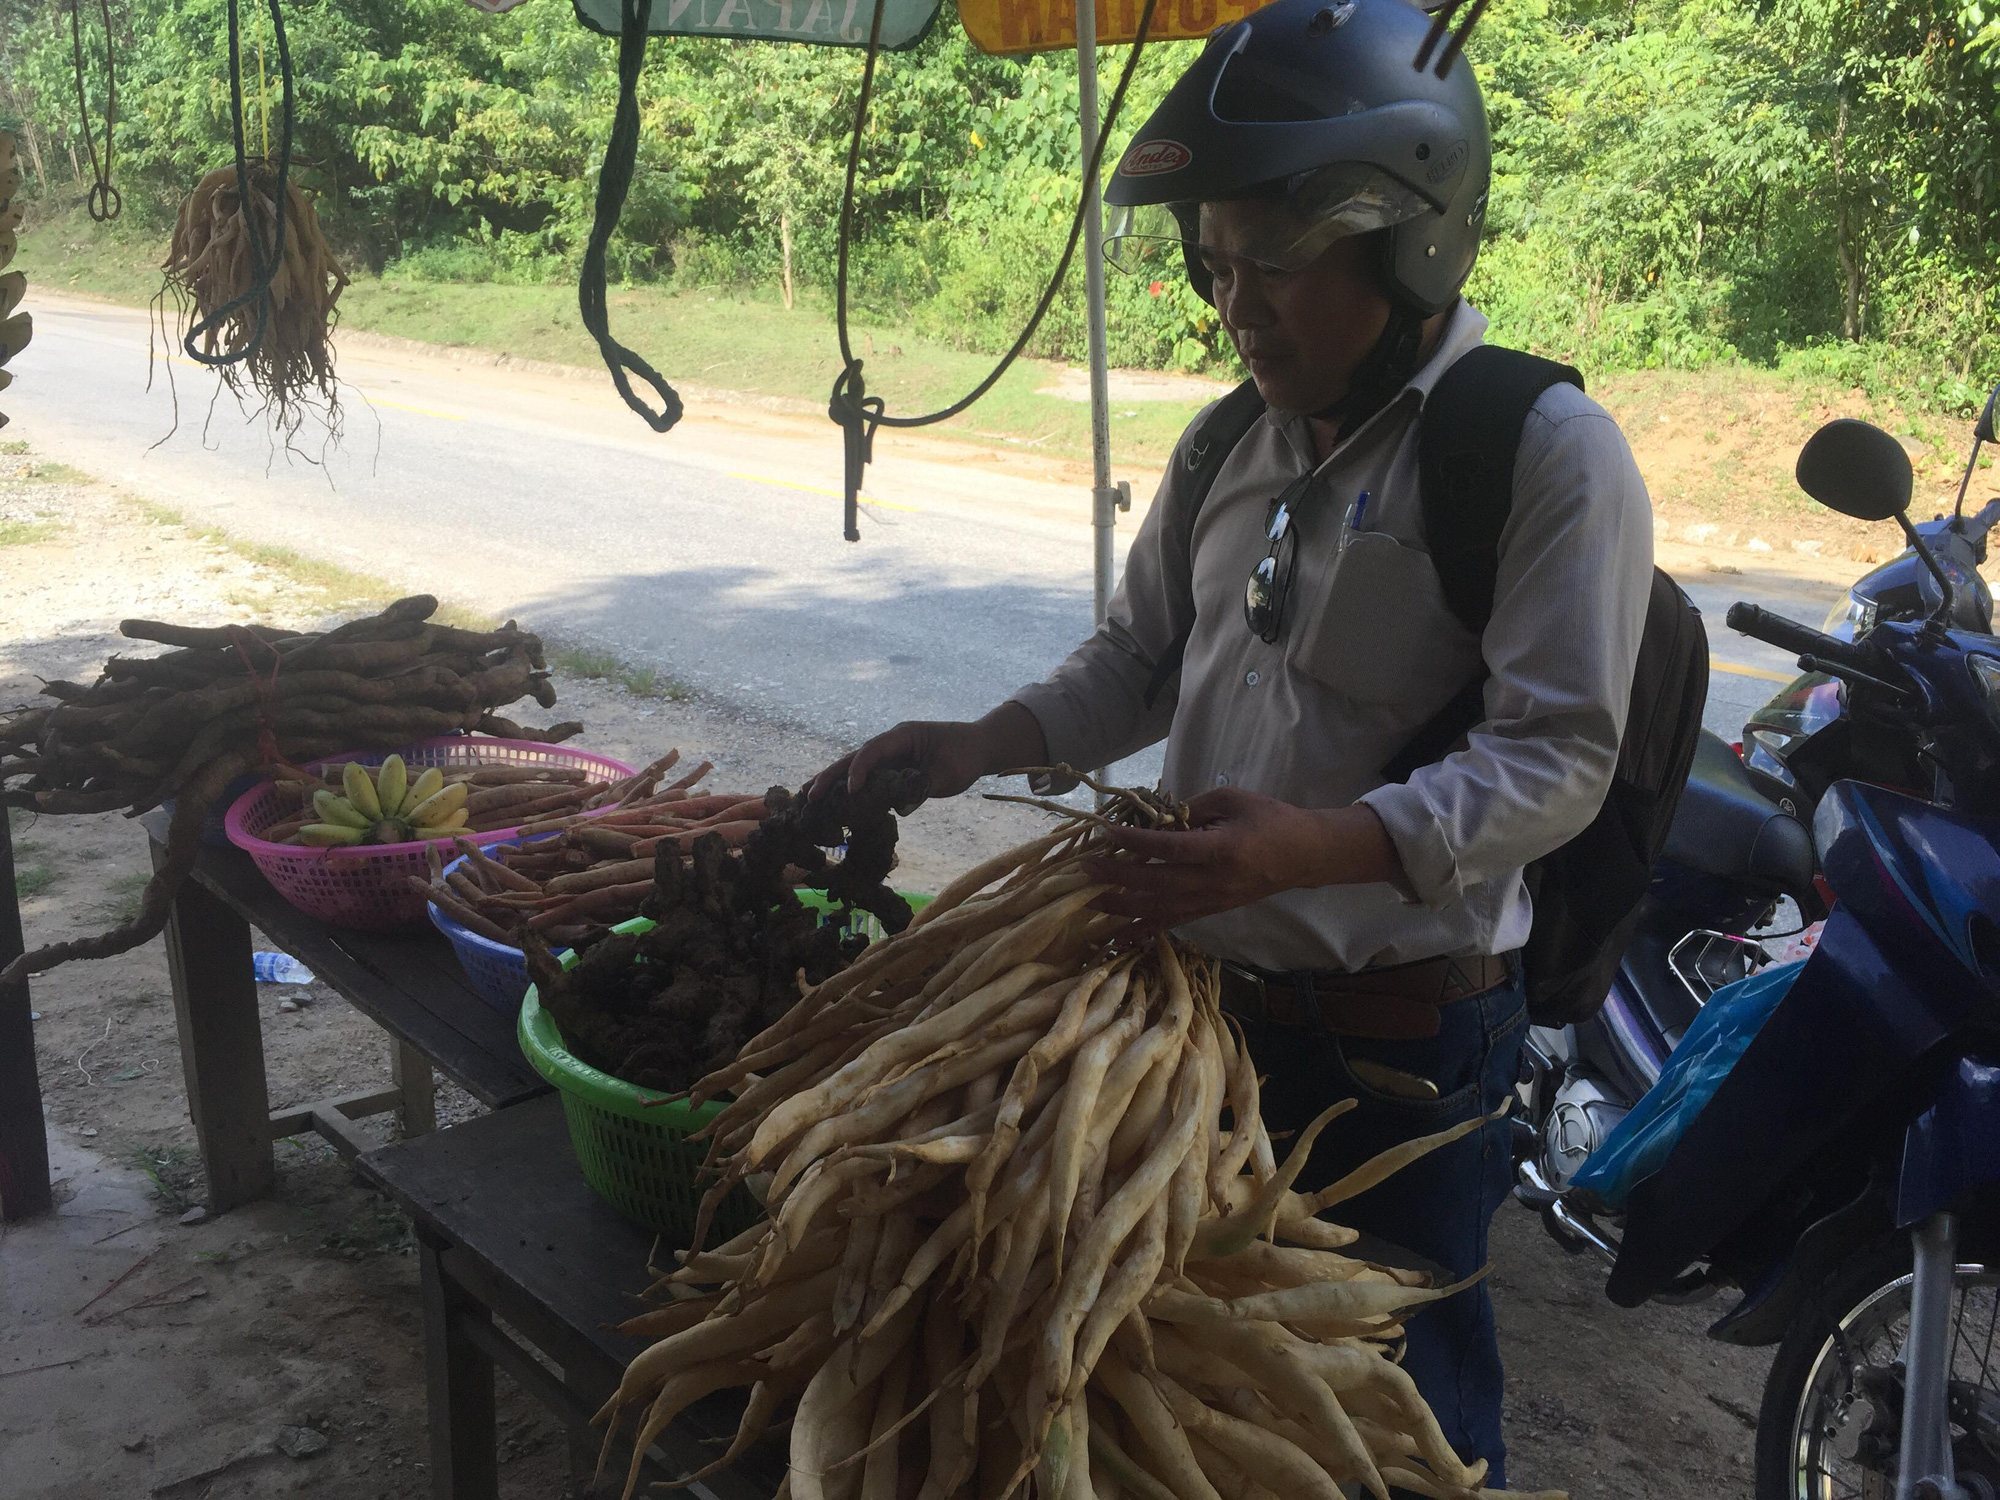 Quảng Nam: Nông thôn mới ở Nam Giang gắn với OCOP giúp khu vực miền núi đổi thay - Ảnh 5.